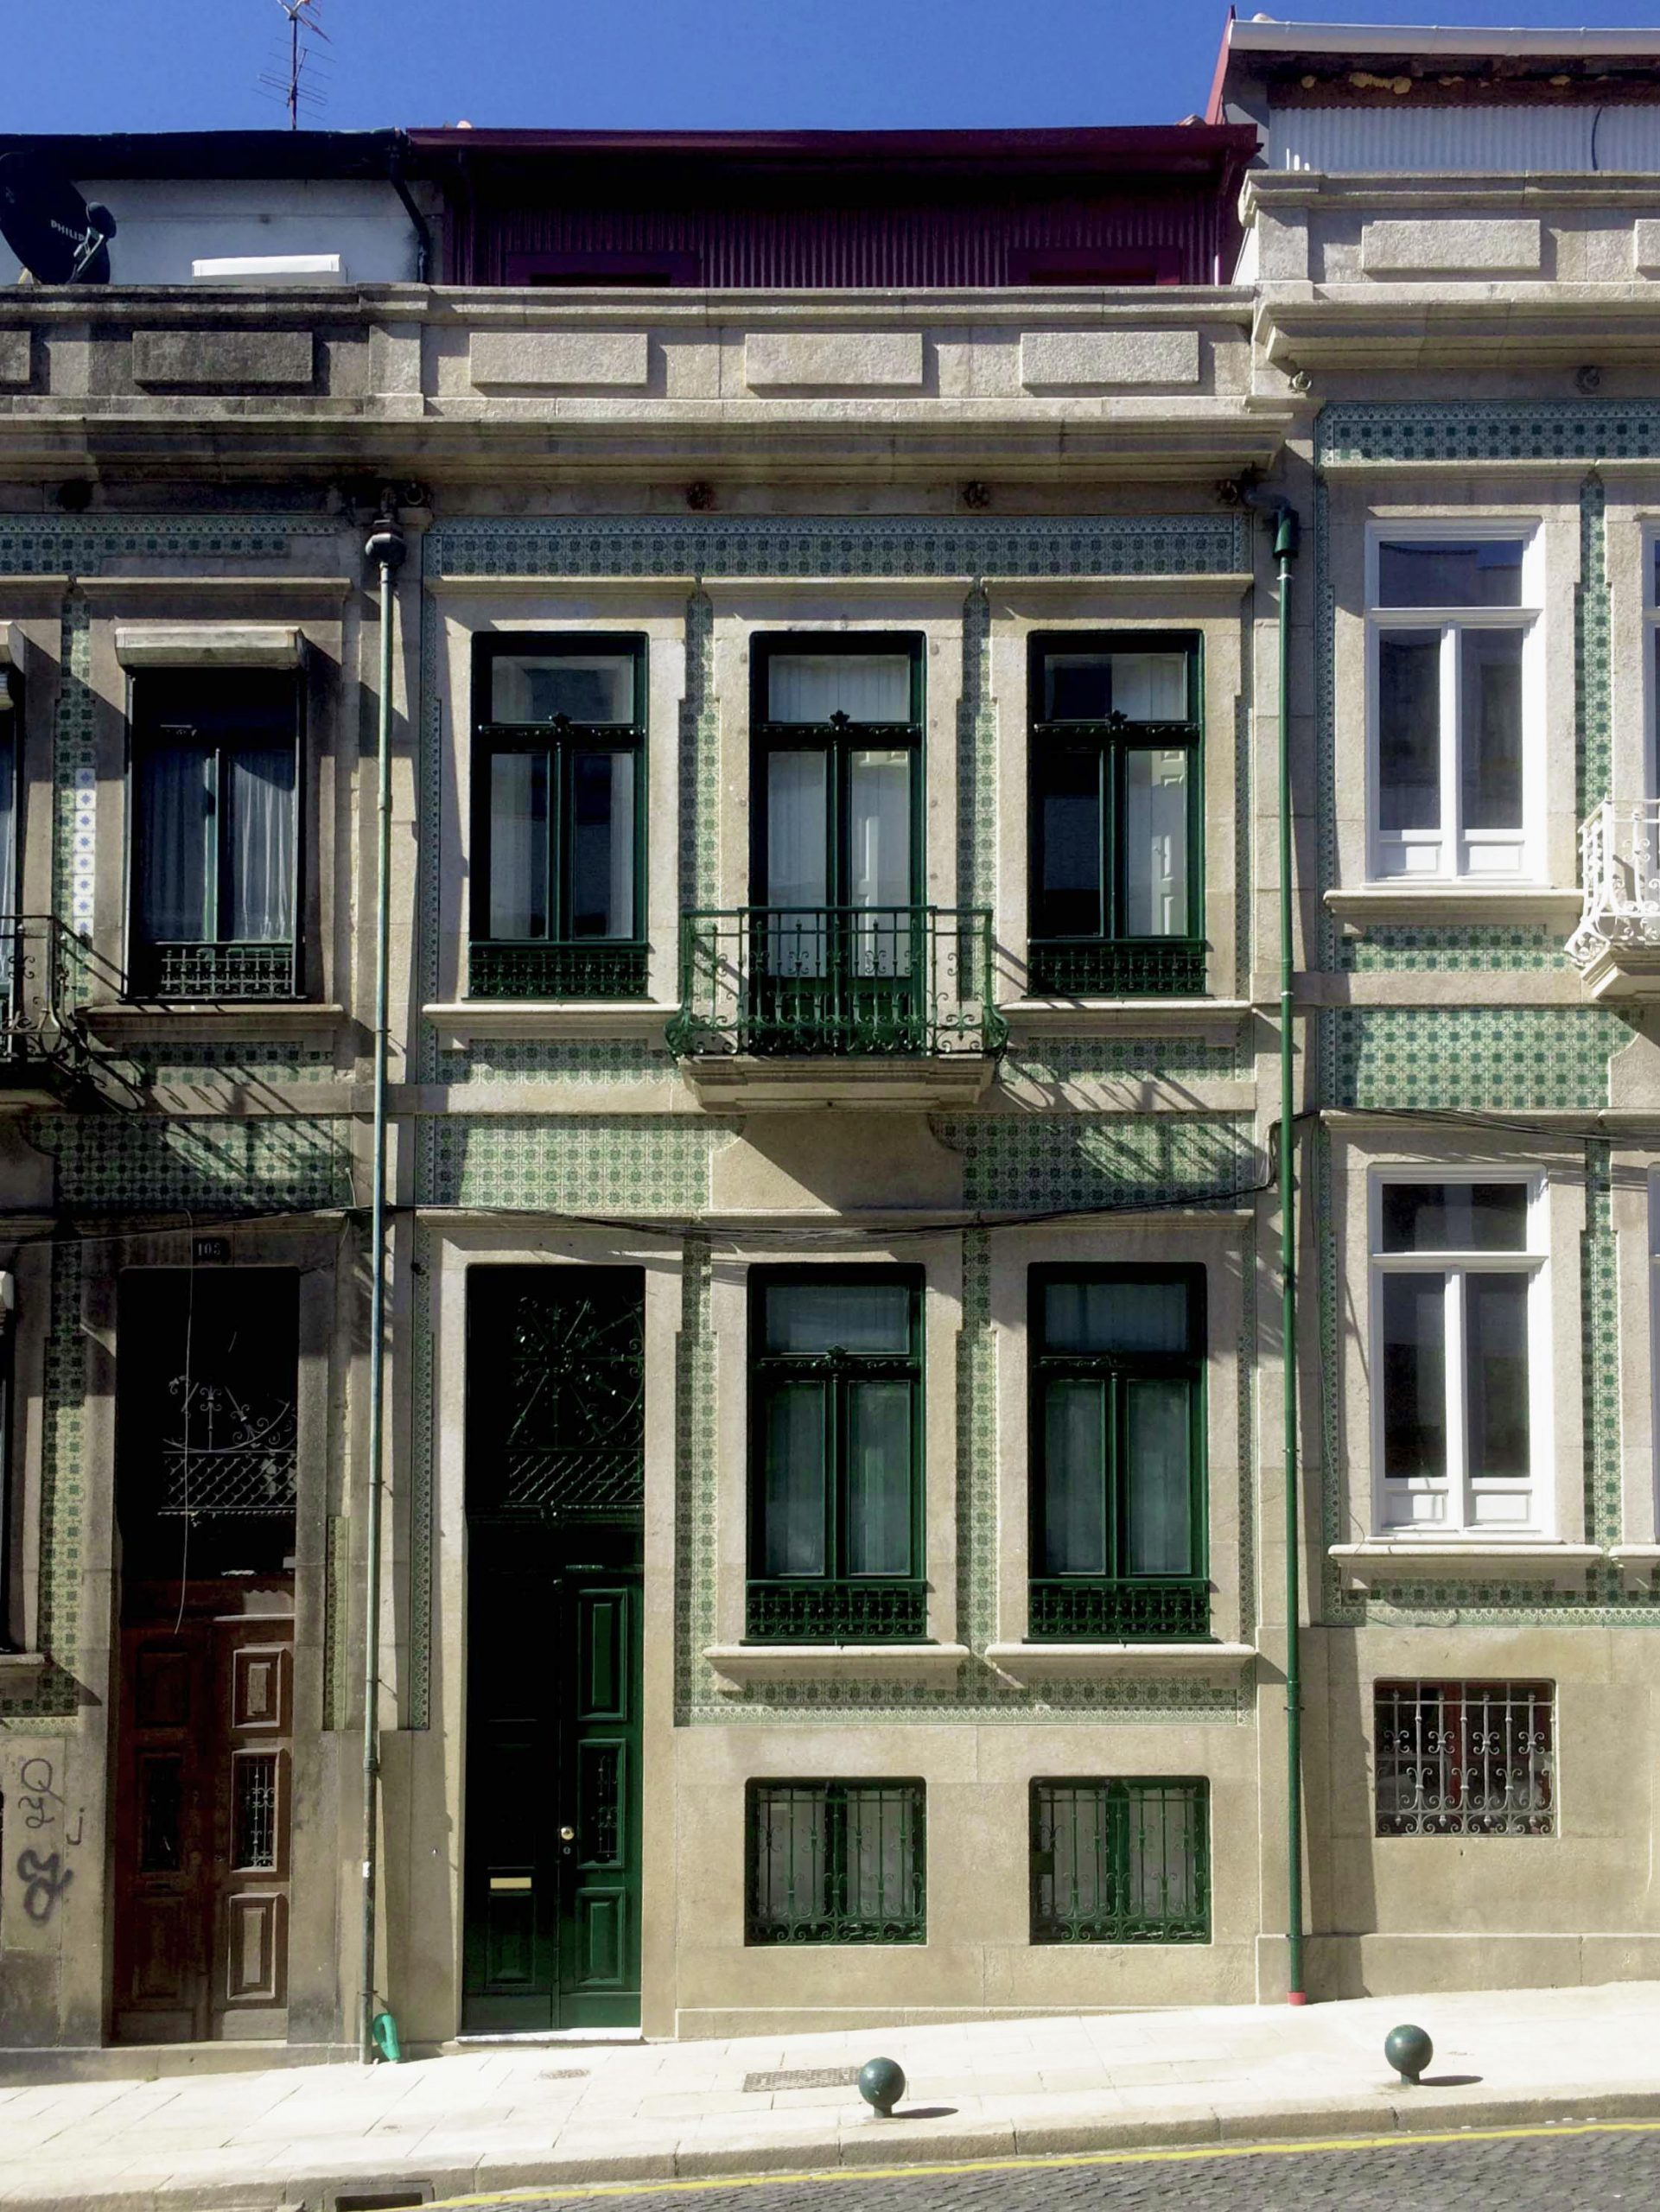 Fachada reabilitada de edifício convertido em sete apartamentos, na Rua Álvares Cabral, no Porto.